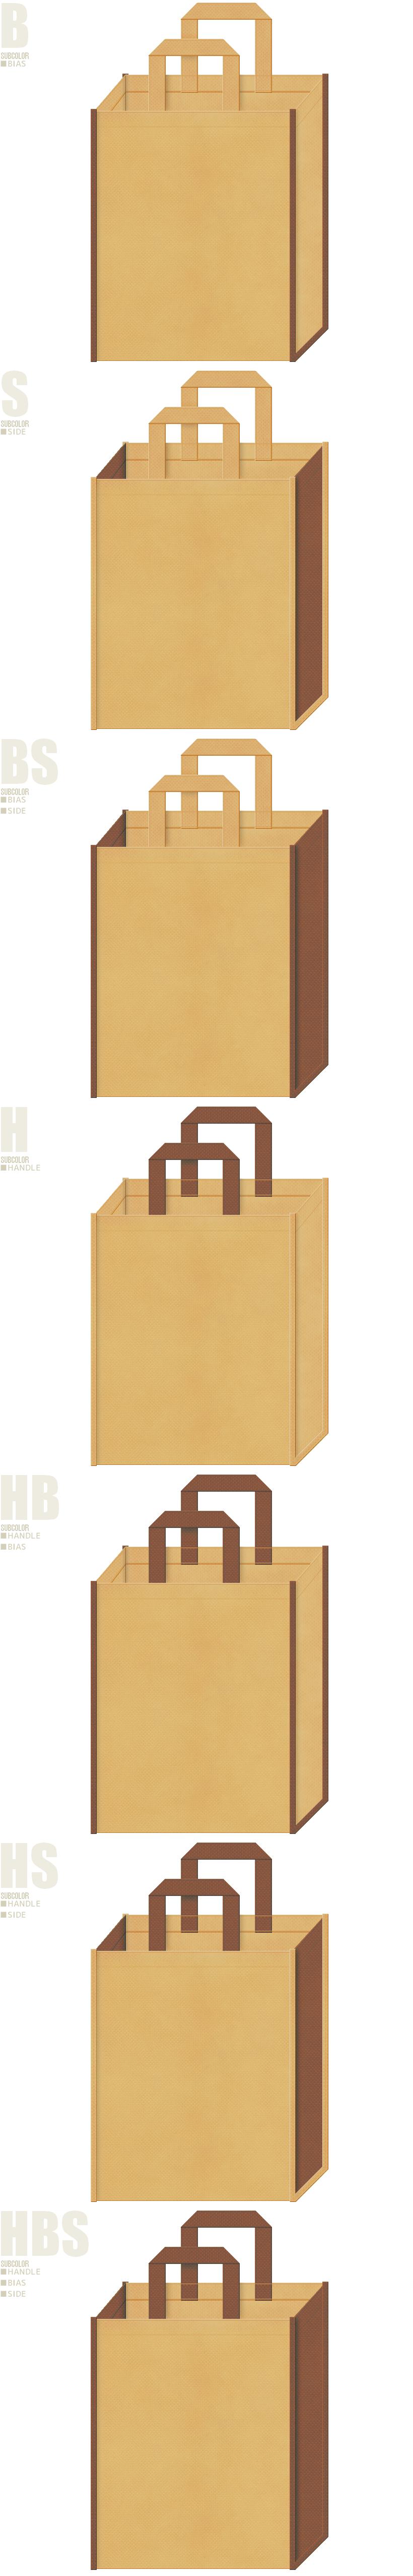 手芸・ぬいぐるみ・工作教室・DIY・鯛焼き・木製インテリア・木製食器・フードコート・レストラン・饅頭・和菓子・ホットケーキ・クロワッサン・ワッフル・クッキー・サブレ・ビスケット・ベーカリーショップにお奨めの不織布バッグデザイン:薄黄土色と茶色の配色7パターン。